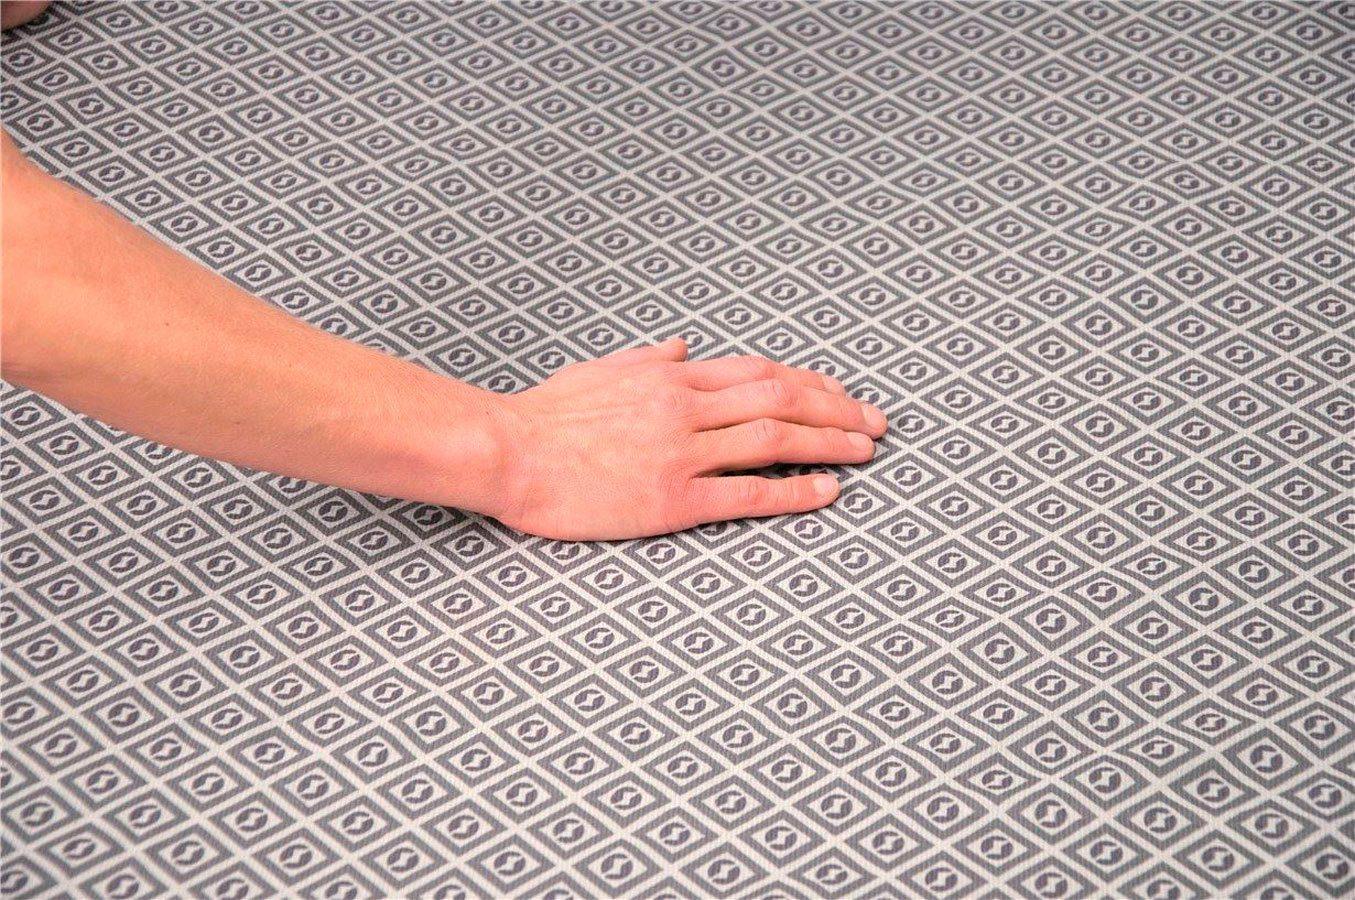 Zubehör Camping & Outdoor Outwell Cedarville 5A Flat Woven Carpet 2019 Zelt Zubehör grau